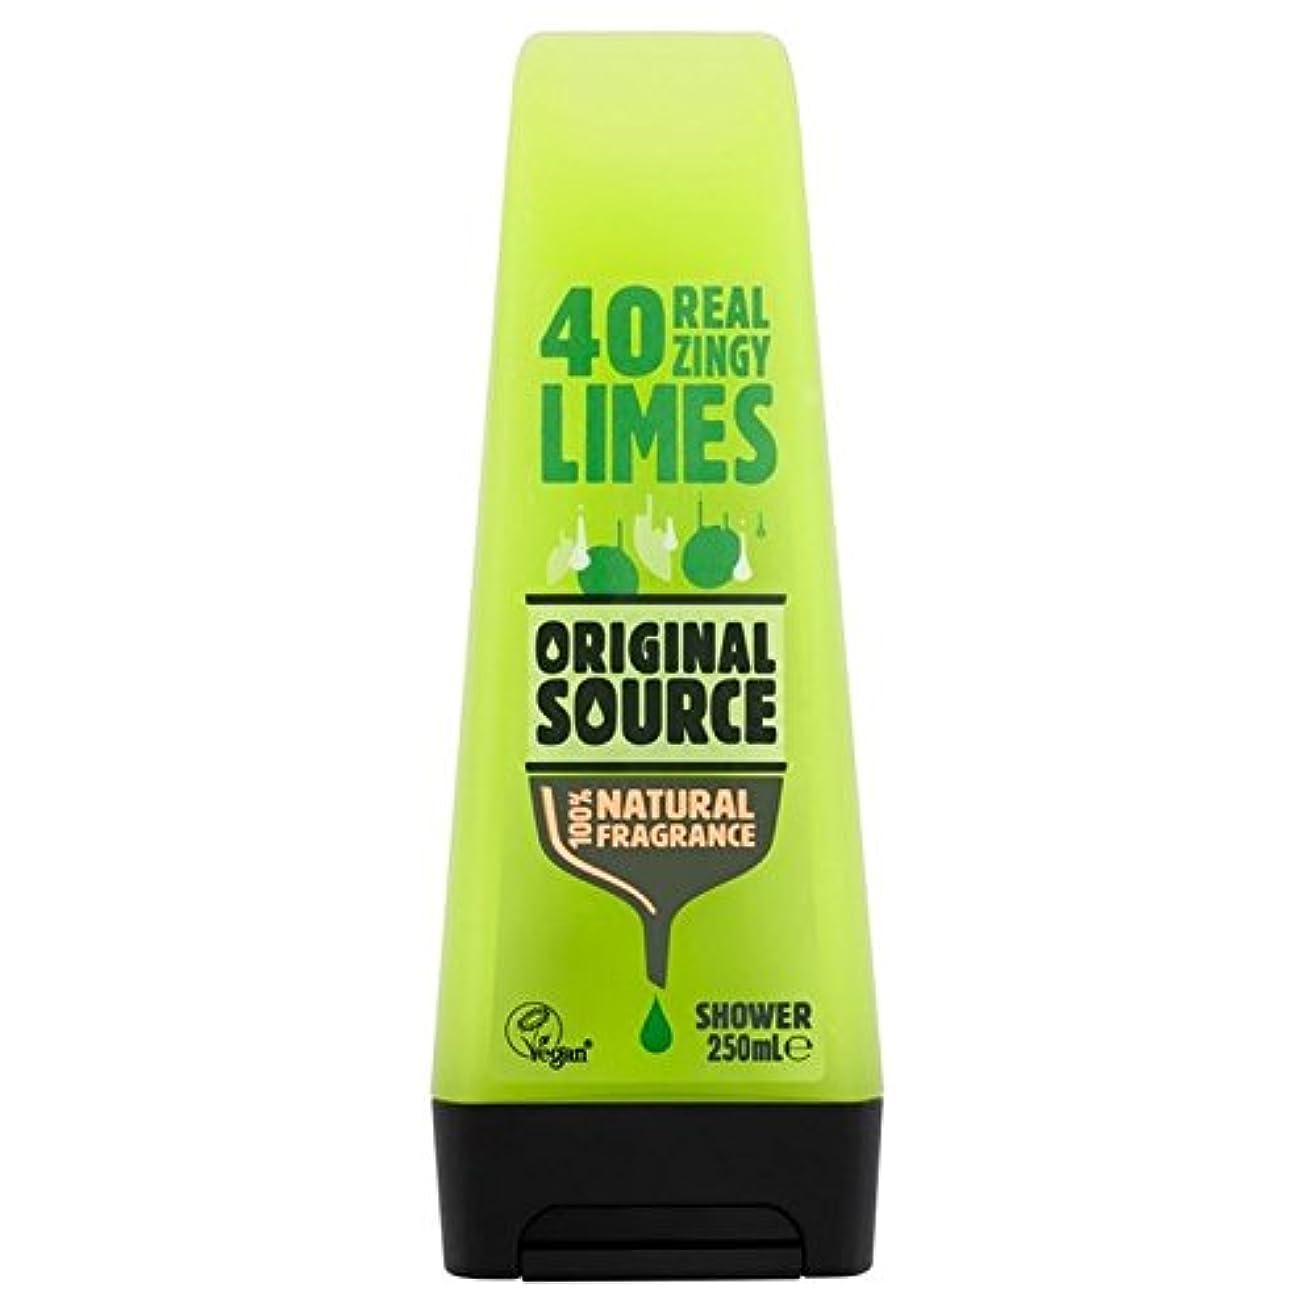 タップ屈辱する誤解させる元のソースライムシャワージェル250ミリリットル x2 - Original Source Lime Shower Gel 250ml (Pack of 2) [並行輸入品]